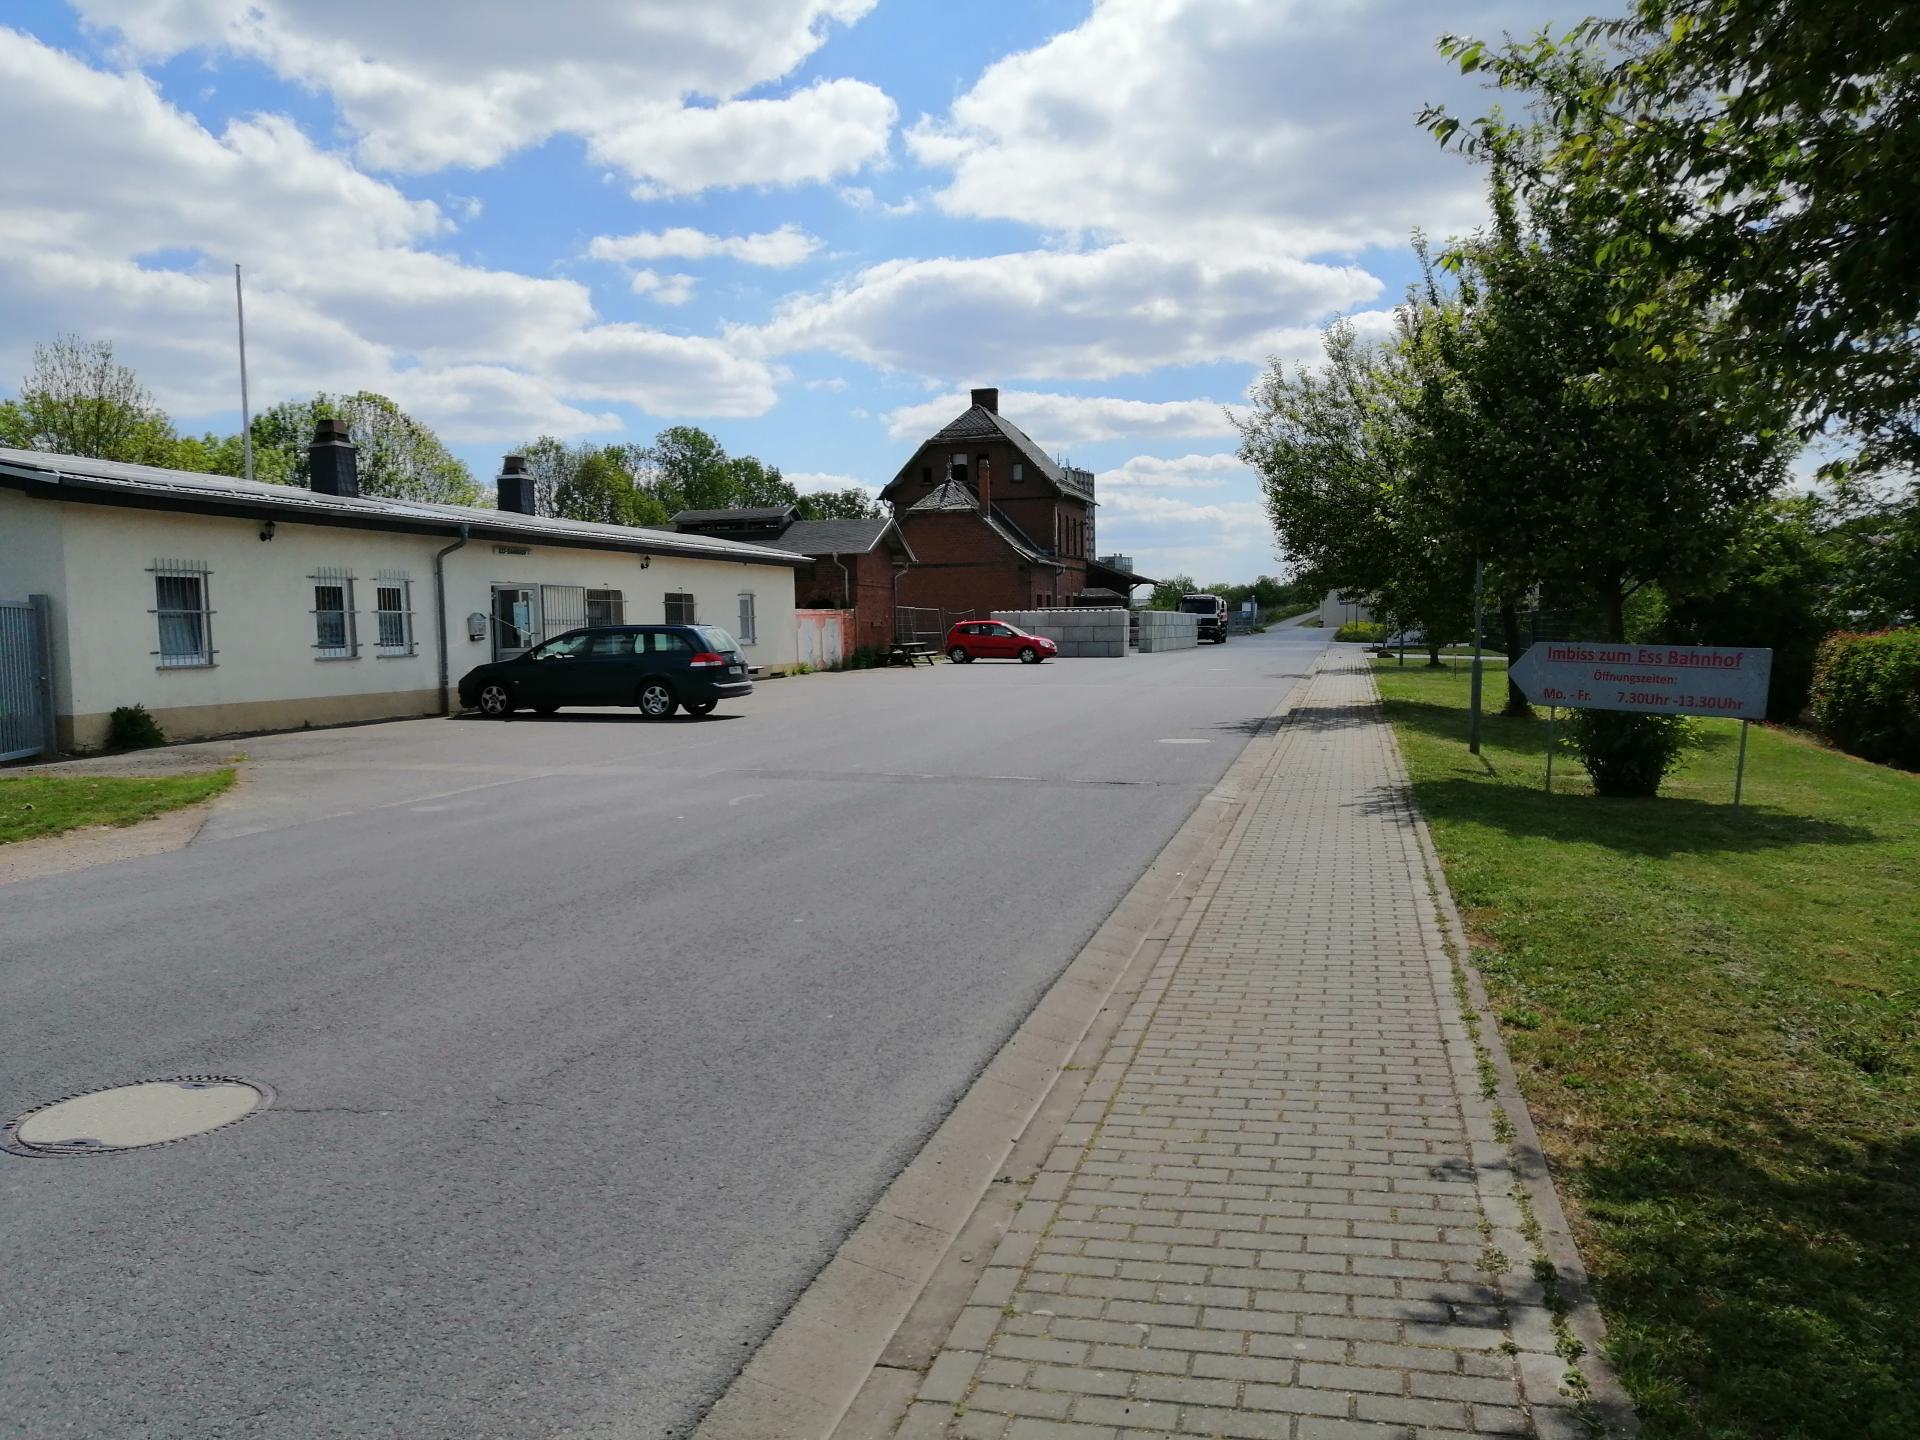 Essbahnhof Bad Tennstedt